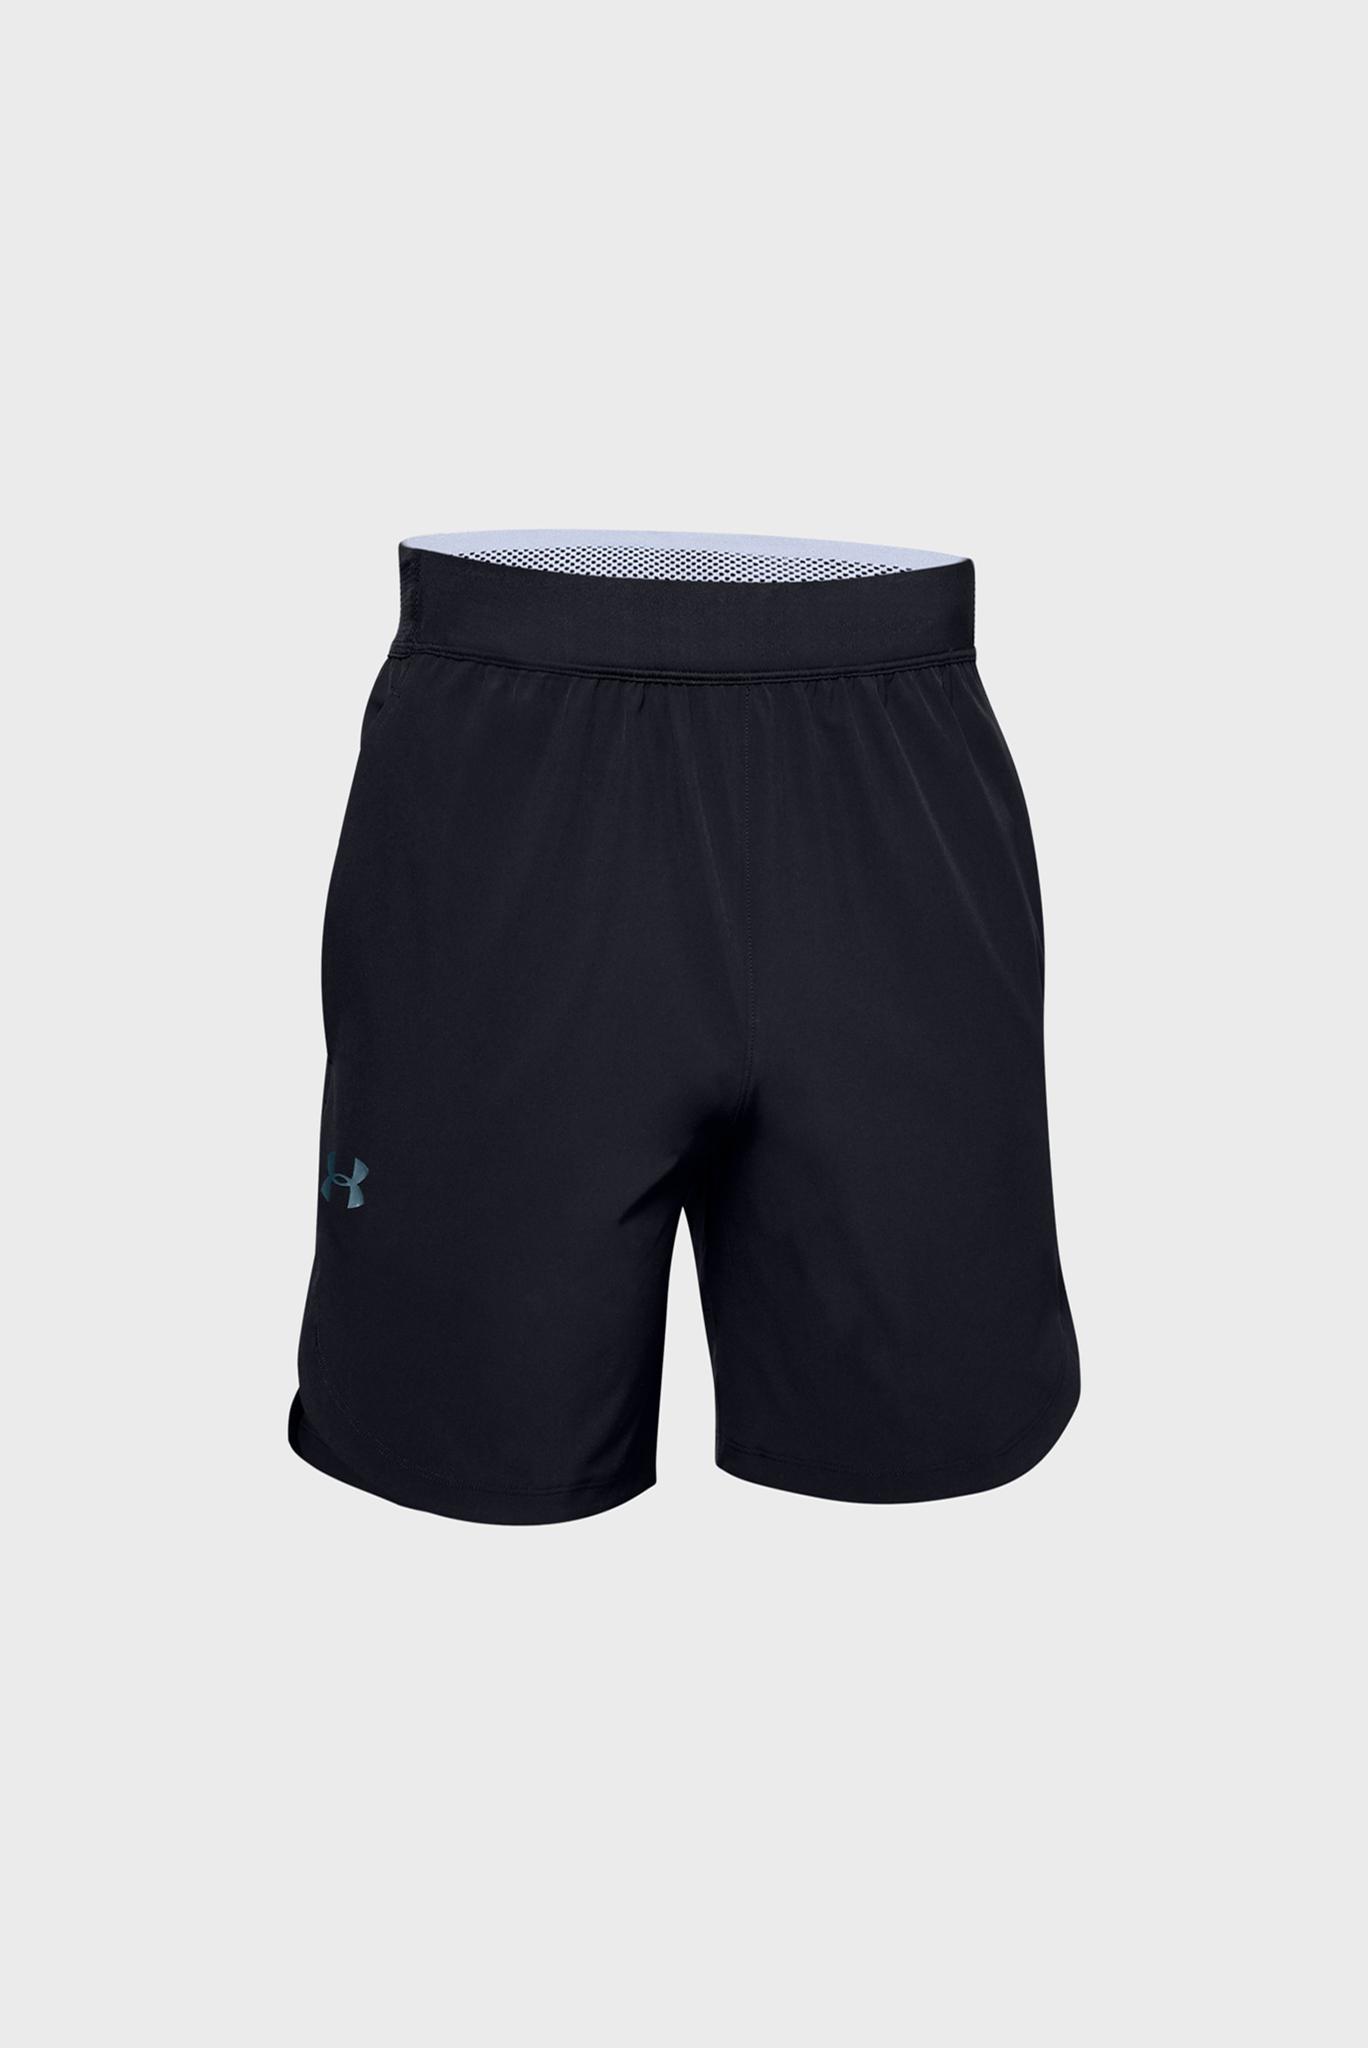 Мужские черные спортивные шорты Stretch-Woven Shorts Under Armour